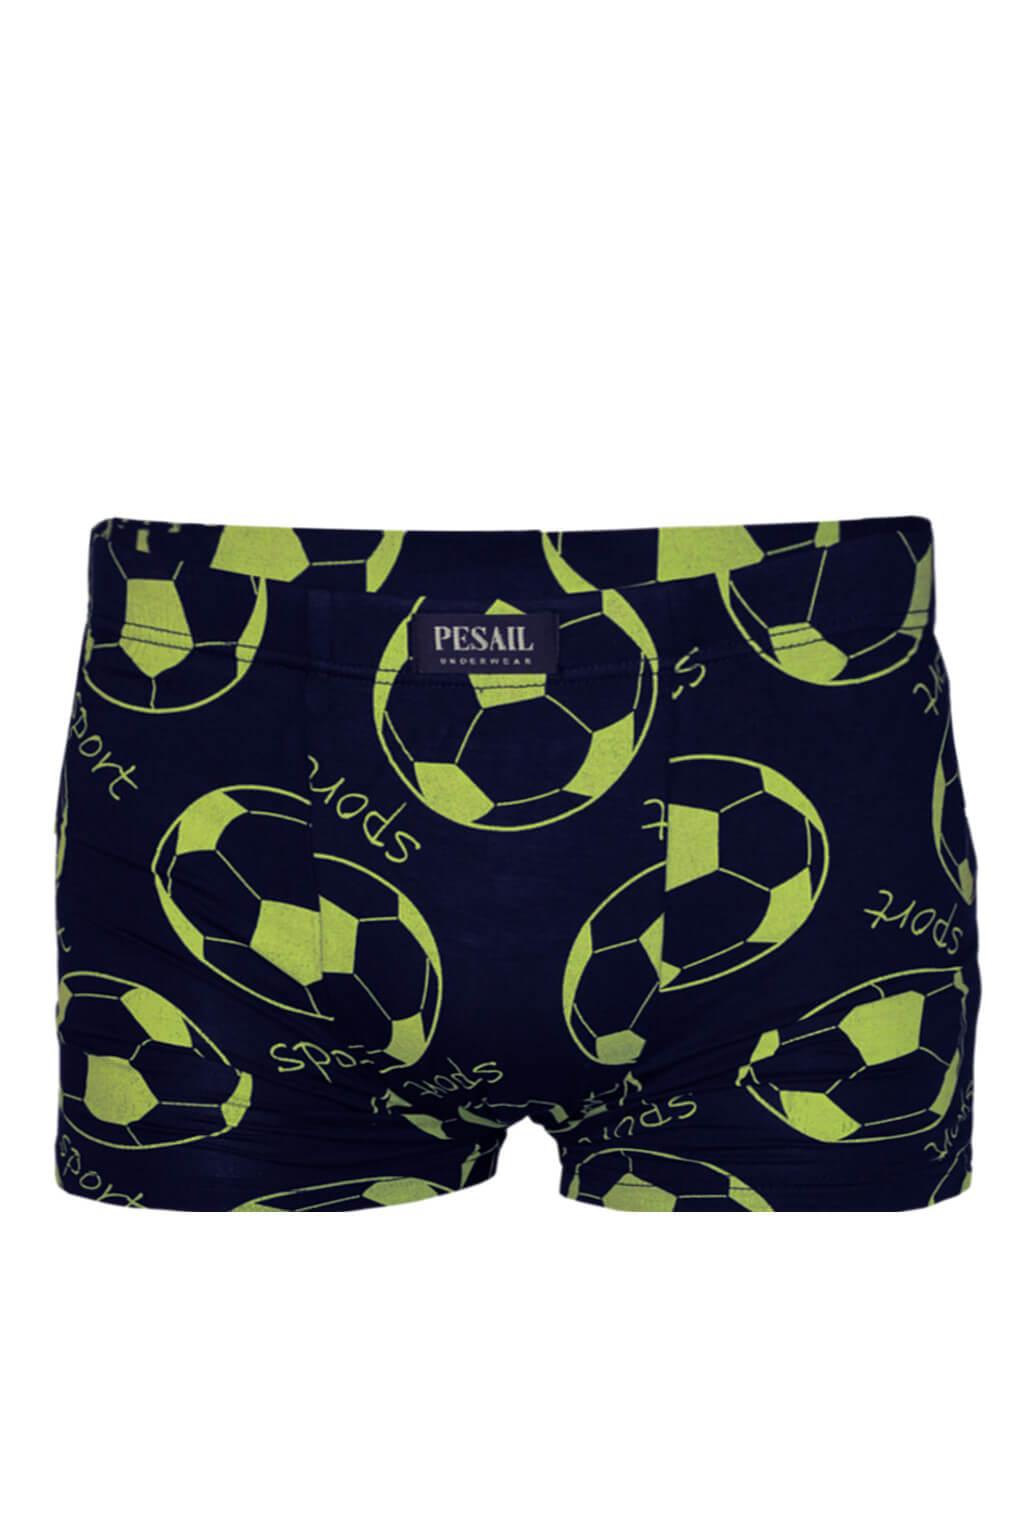 Ronaldo boxerky prádlo z bambusu XL zelená